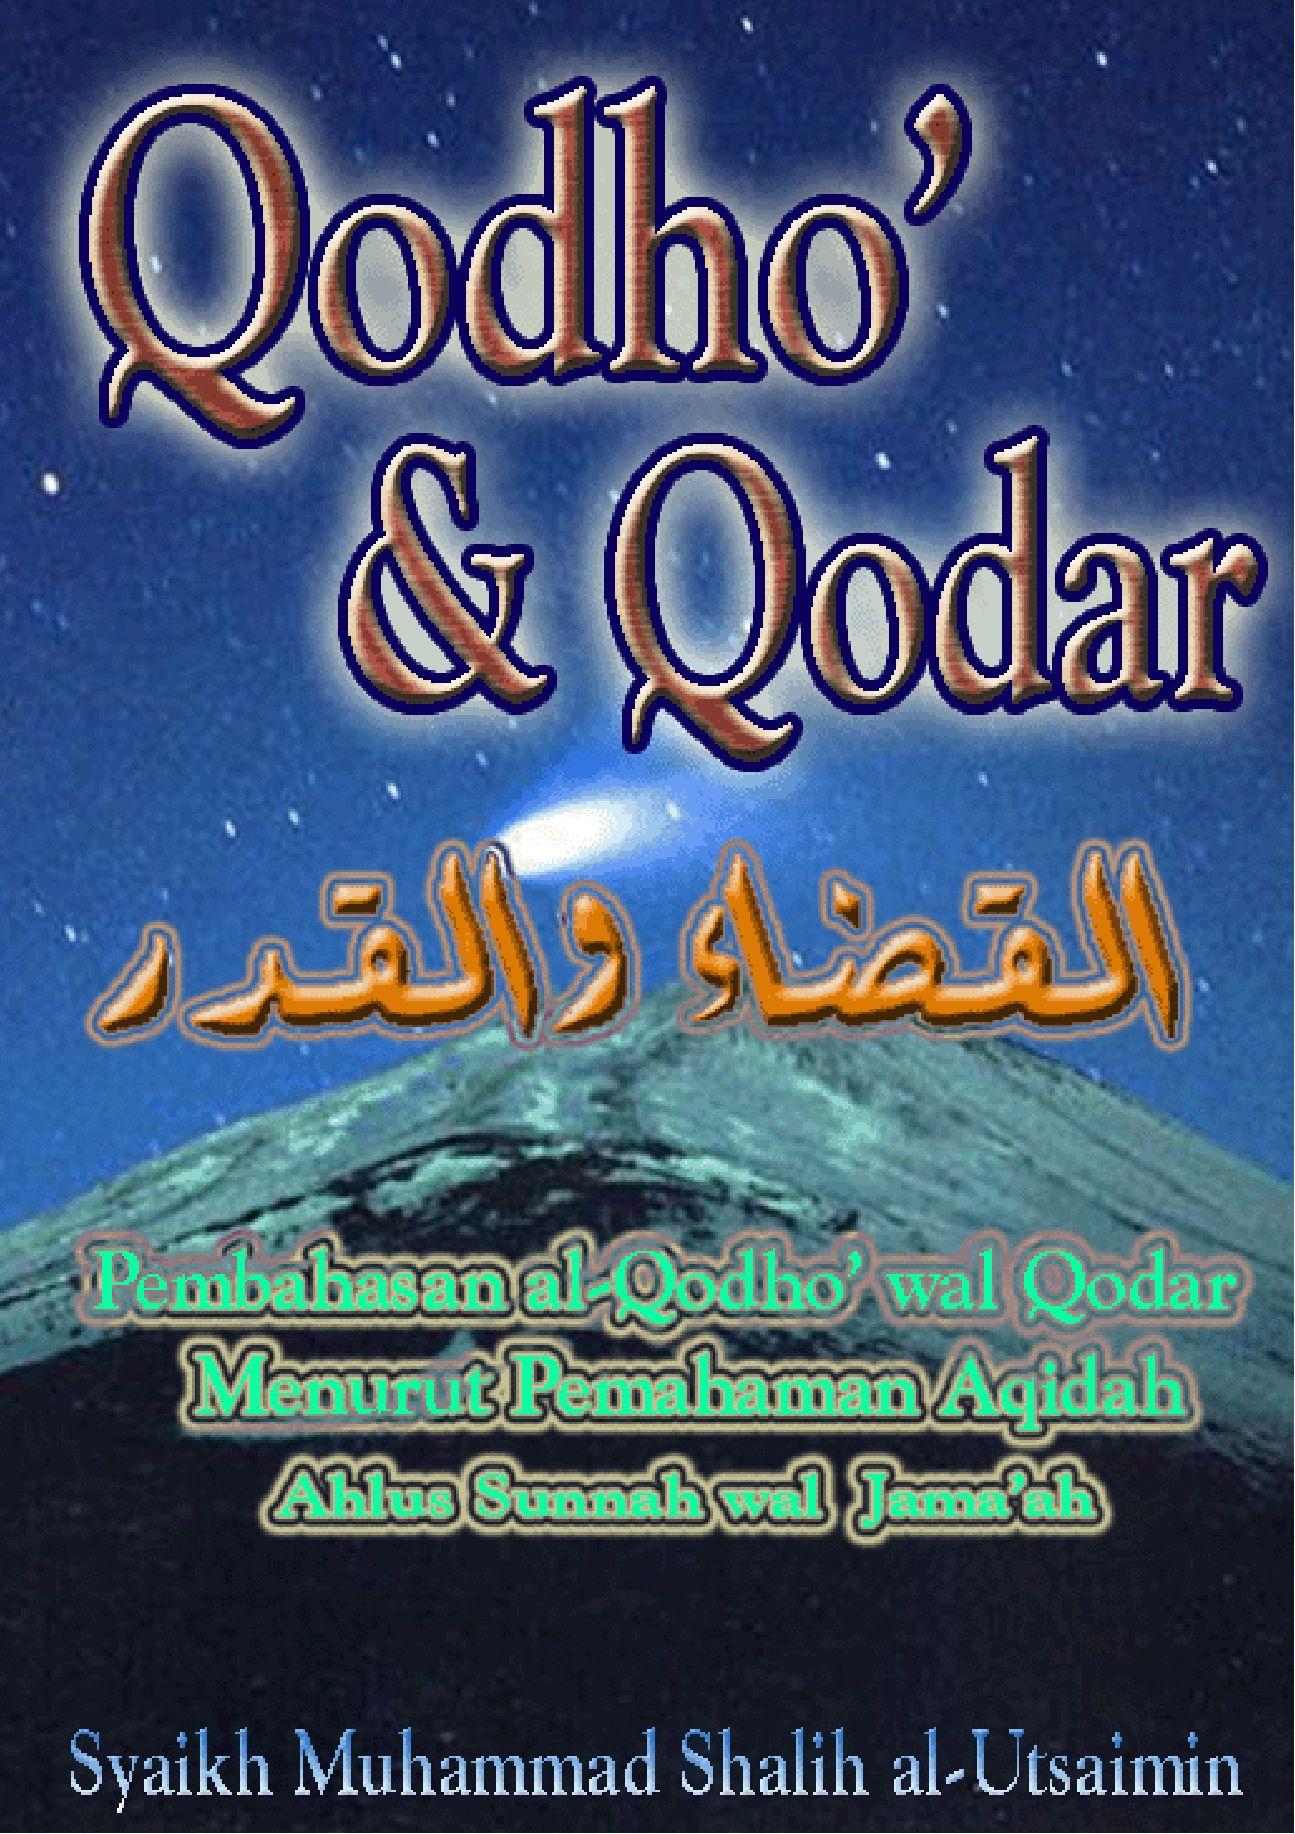 Hasil gambar untuk qadha qadar syaikh utsaimin